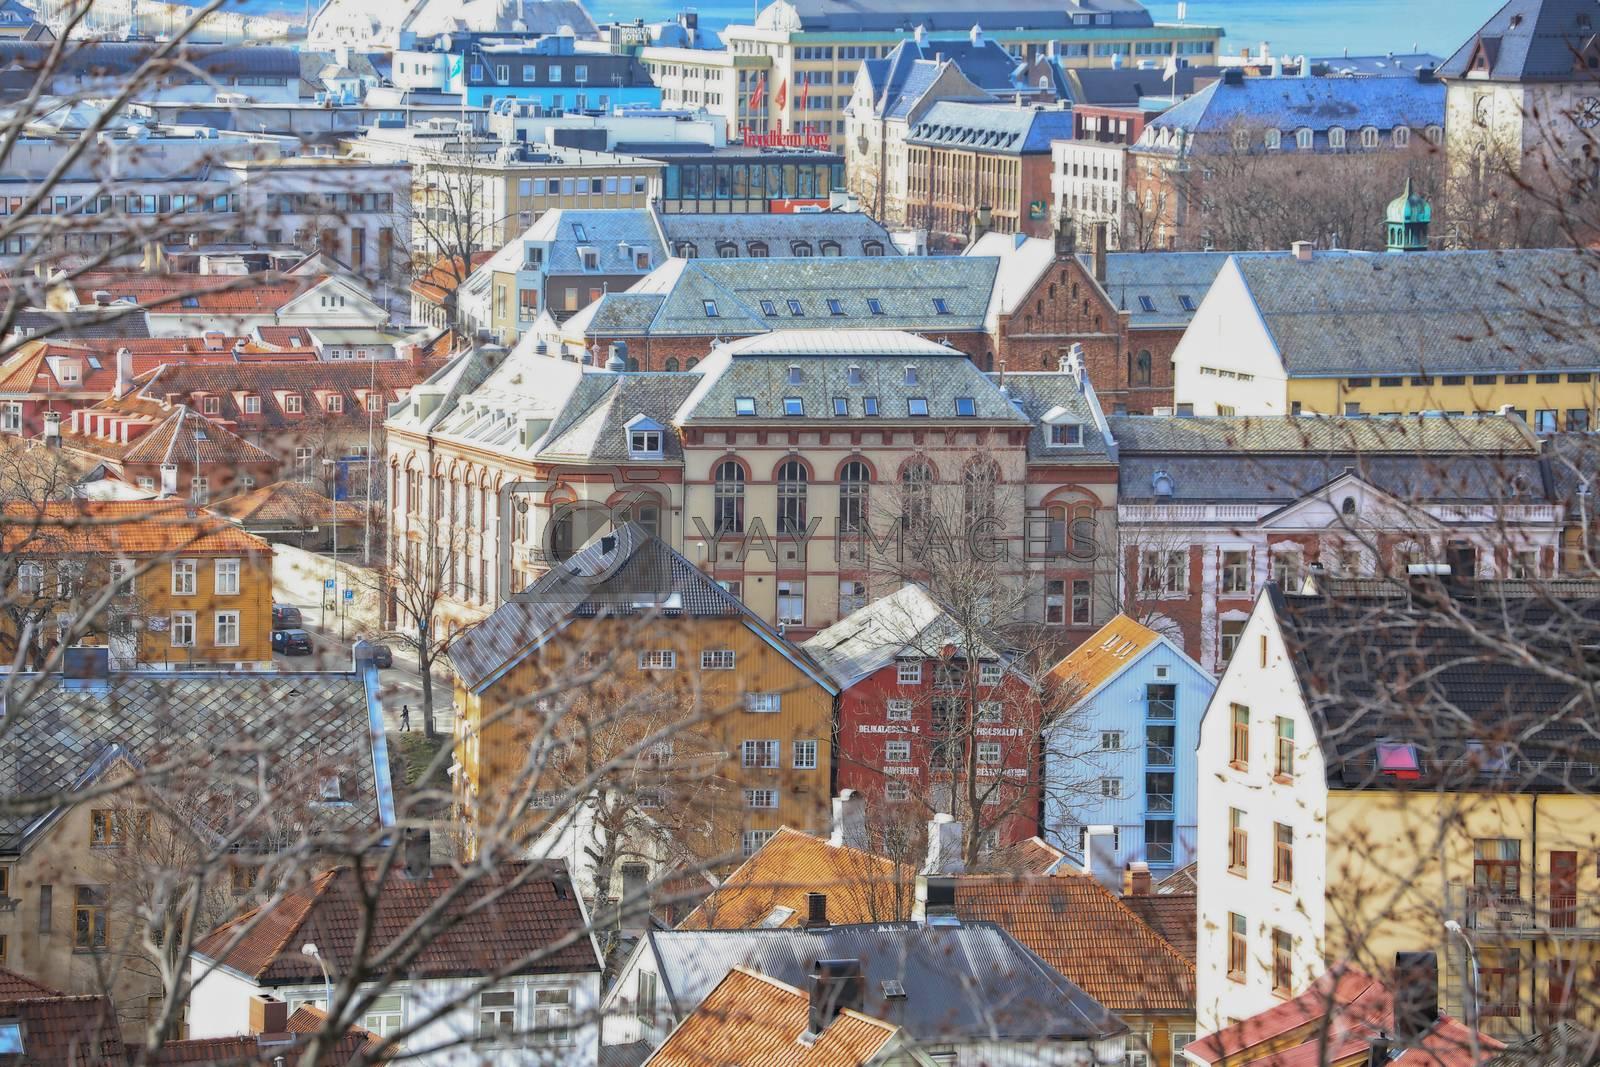 Rundtur i Trondheim en vårdag - Utsikt fra Kristiansten fesning mot sentrum